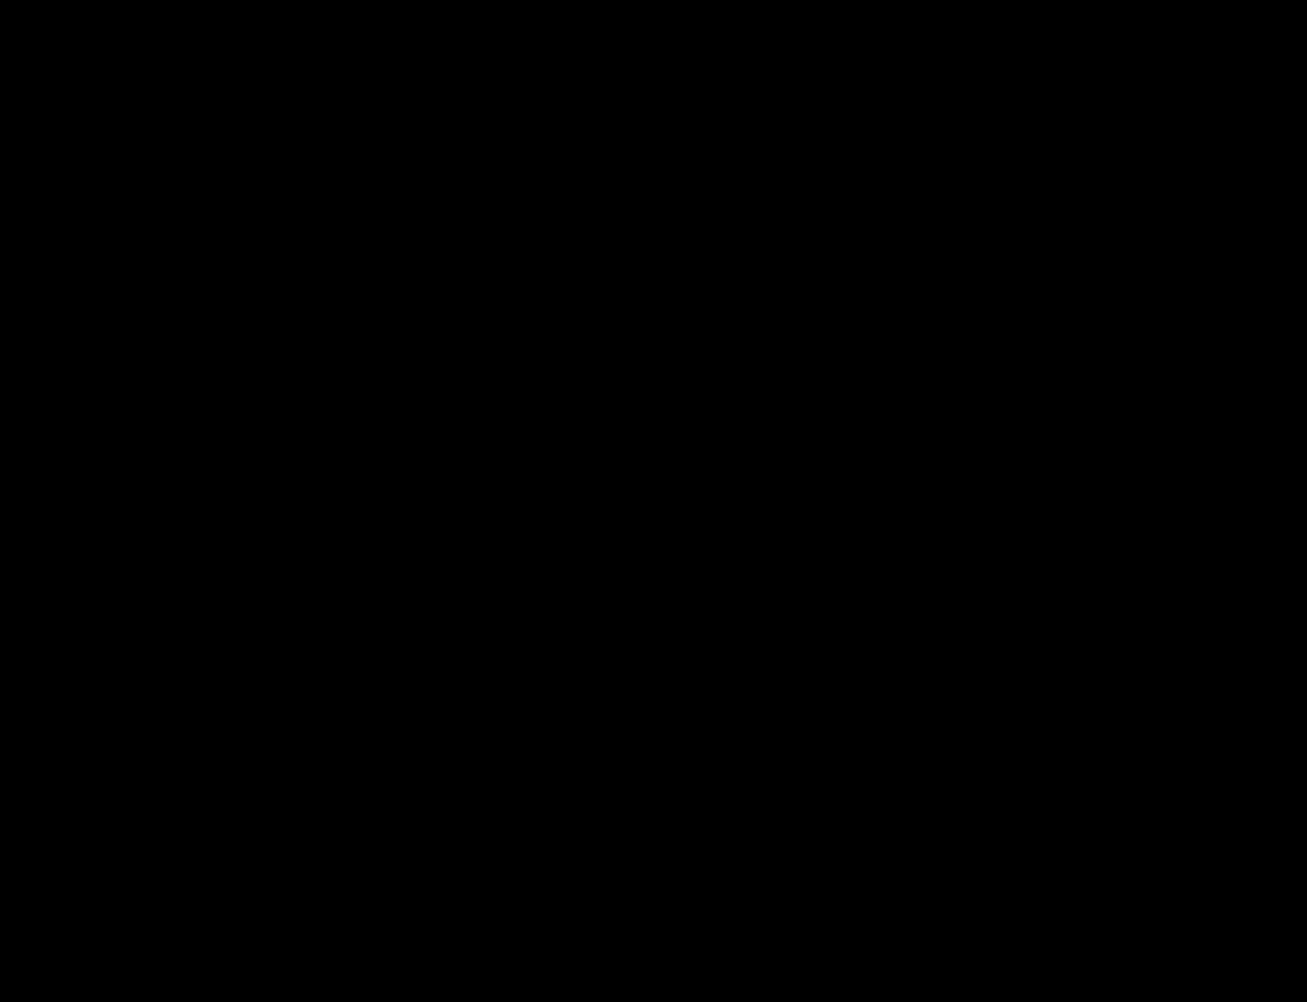 10-Desacetyl Paclitaxel-d<sub>5</sub>